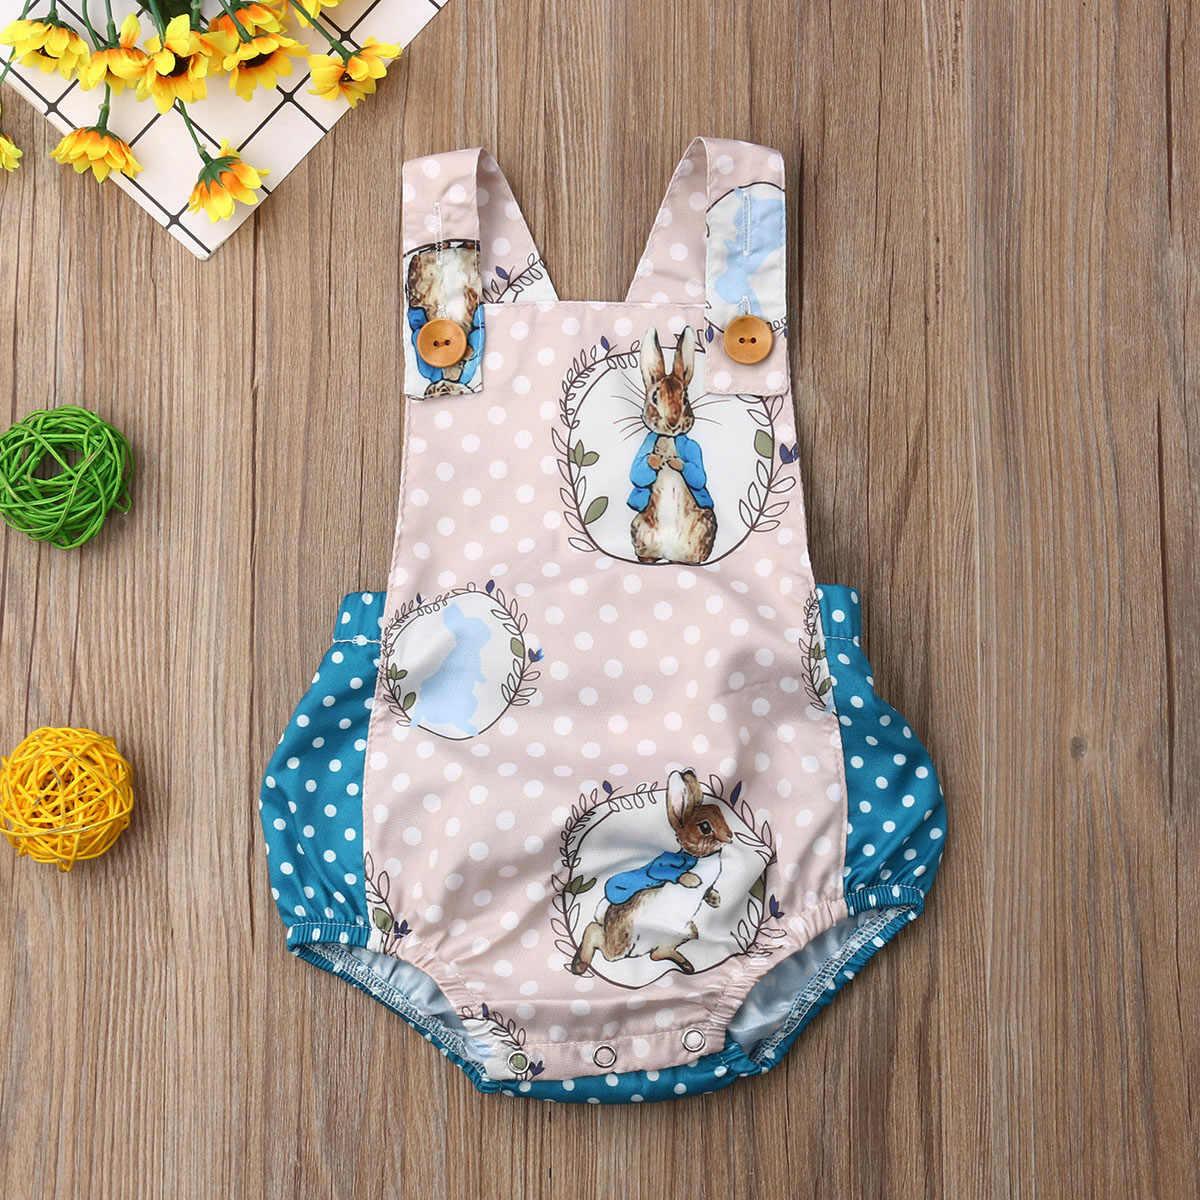 Pudcoco New Nhãn Hiệu Sơ Sinh Bé Trai Bé Gái Easter Bunny Bodysuit Jumpsuit Trang Phục Bộ Sunsuit